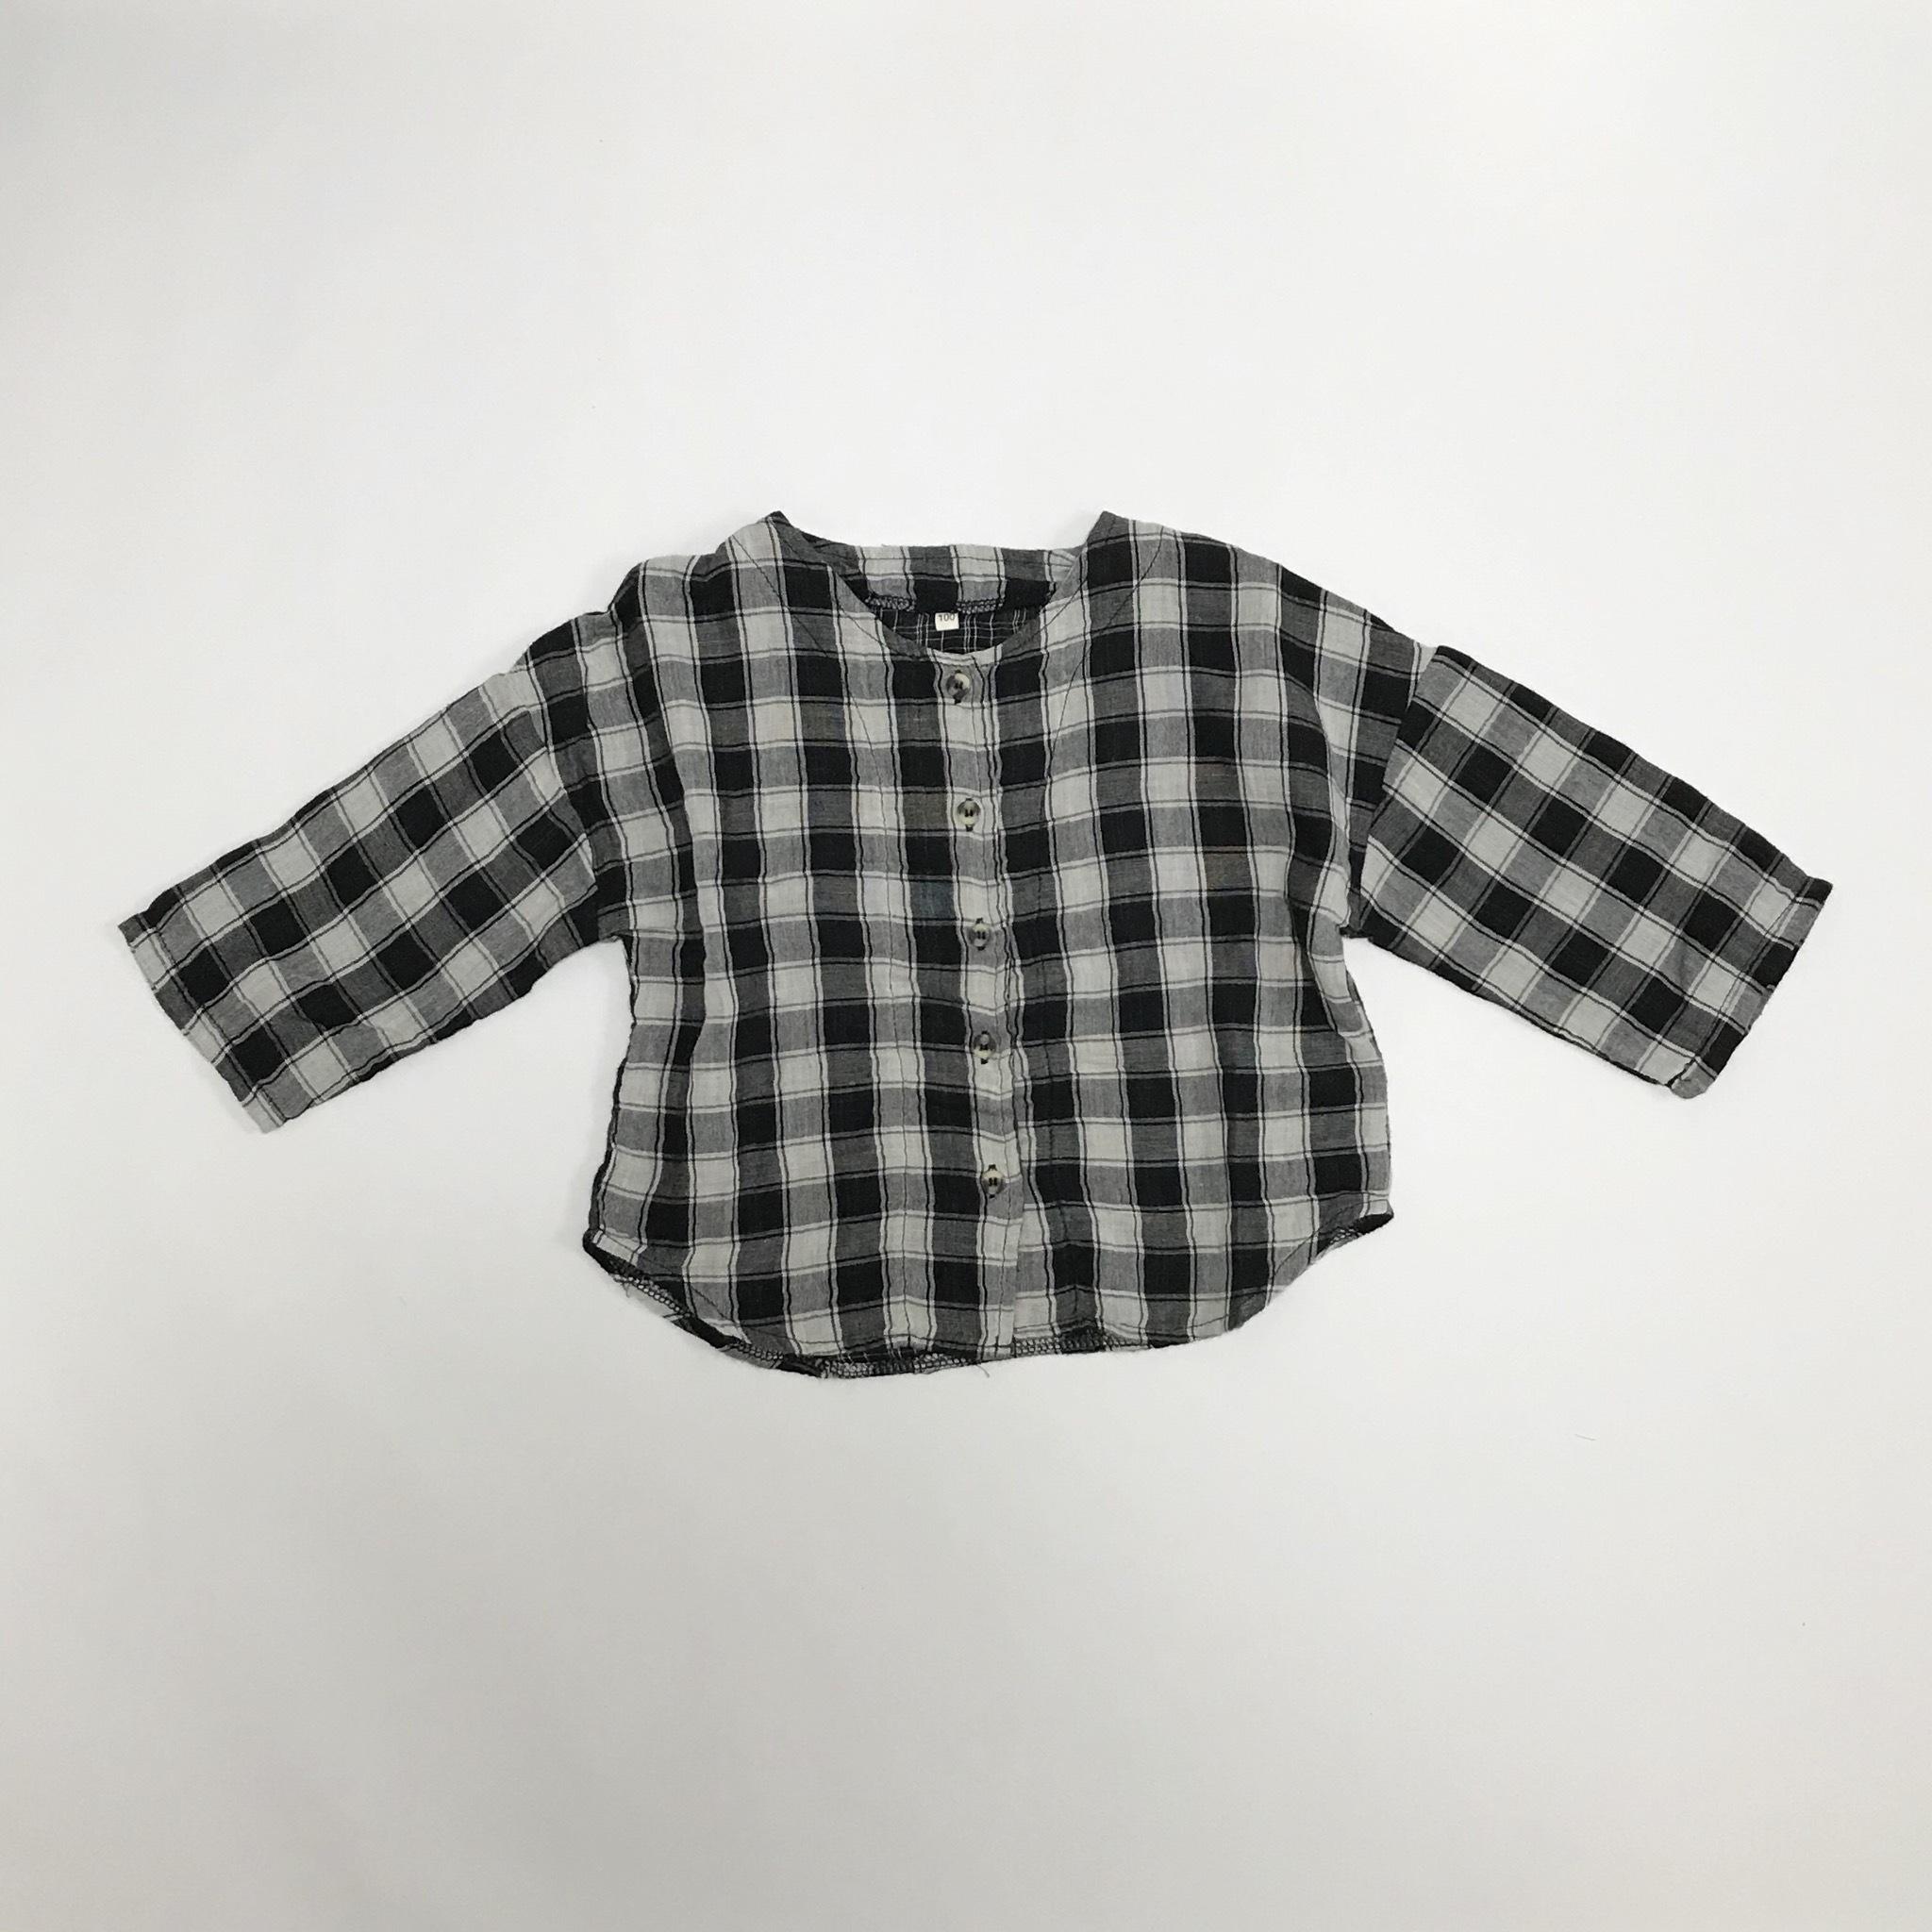 ノーカラーチェック柄シャツ【O040】